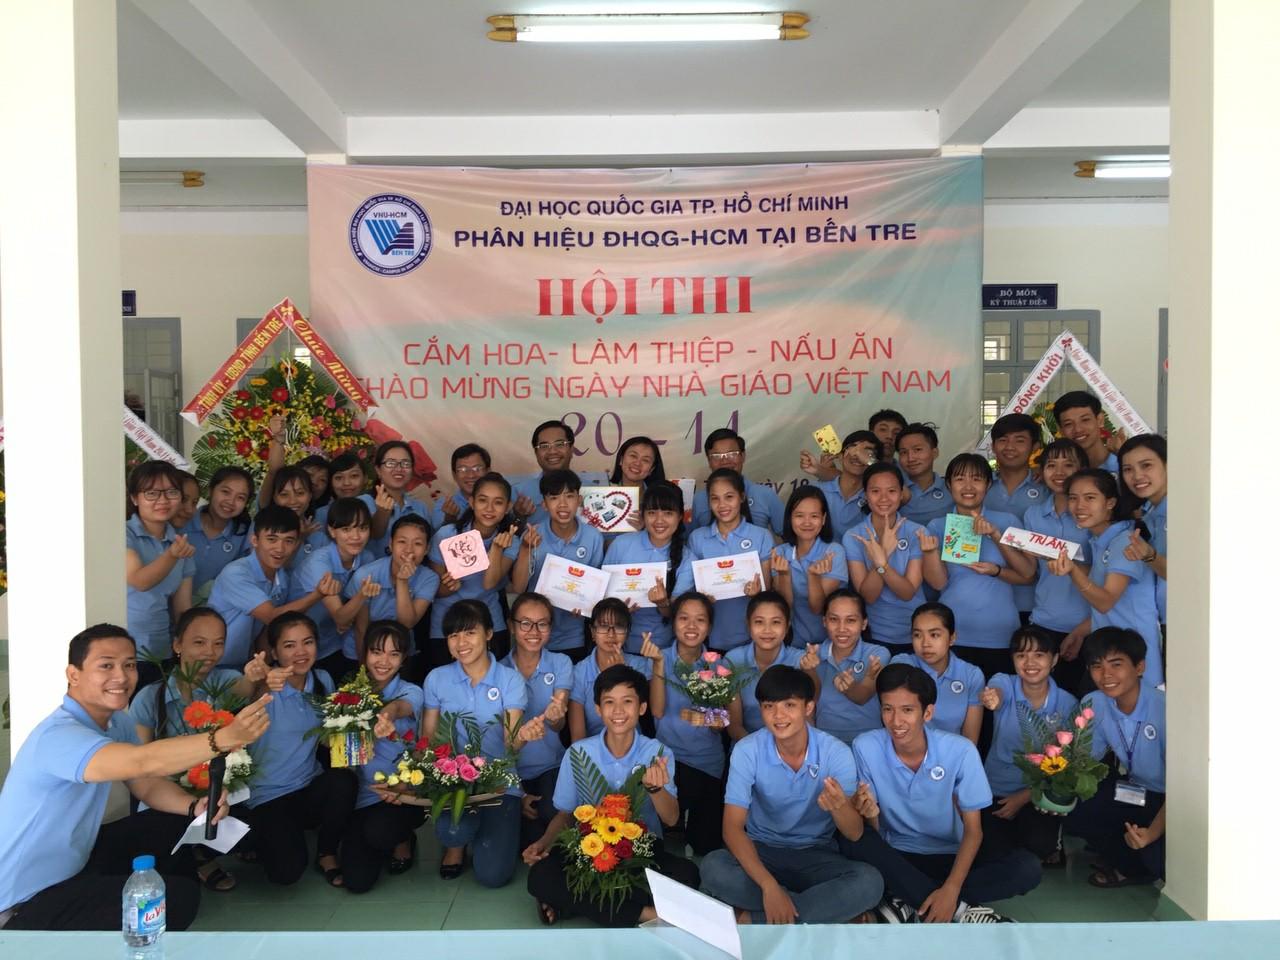 Những món quà đặc biệt và thiêng liêng của sinh viên Phân hiệu ĐHQG - HCM tại tỉnh Bến Tre dành tặng Thầy Cô nhân dịp 20/11